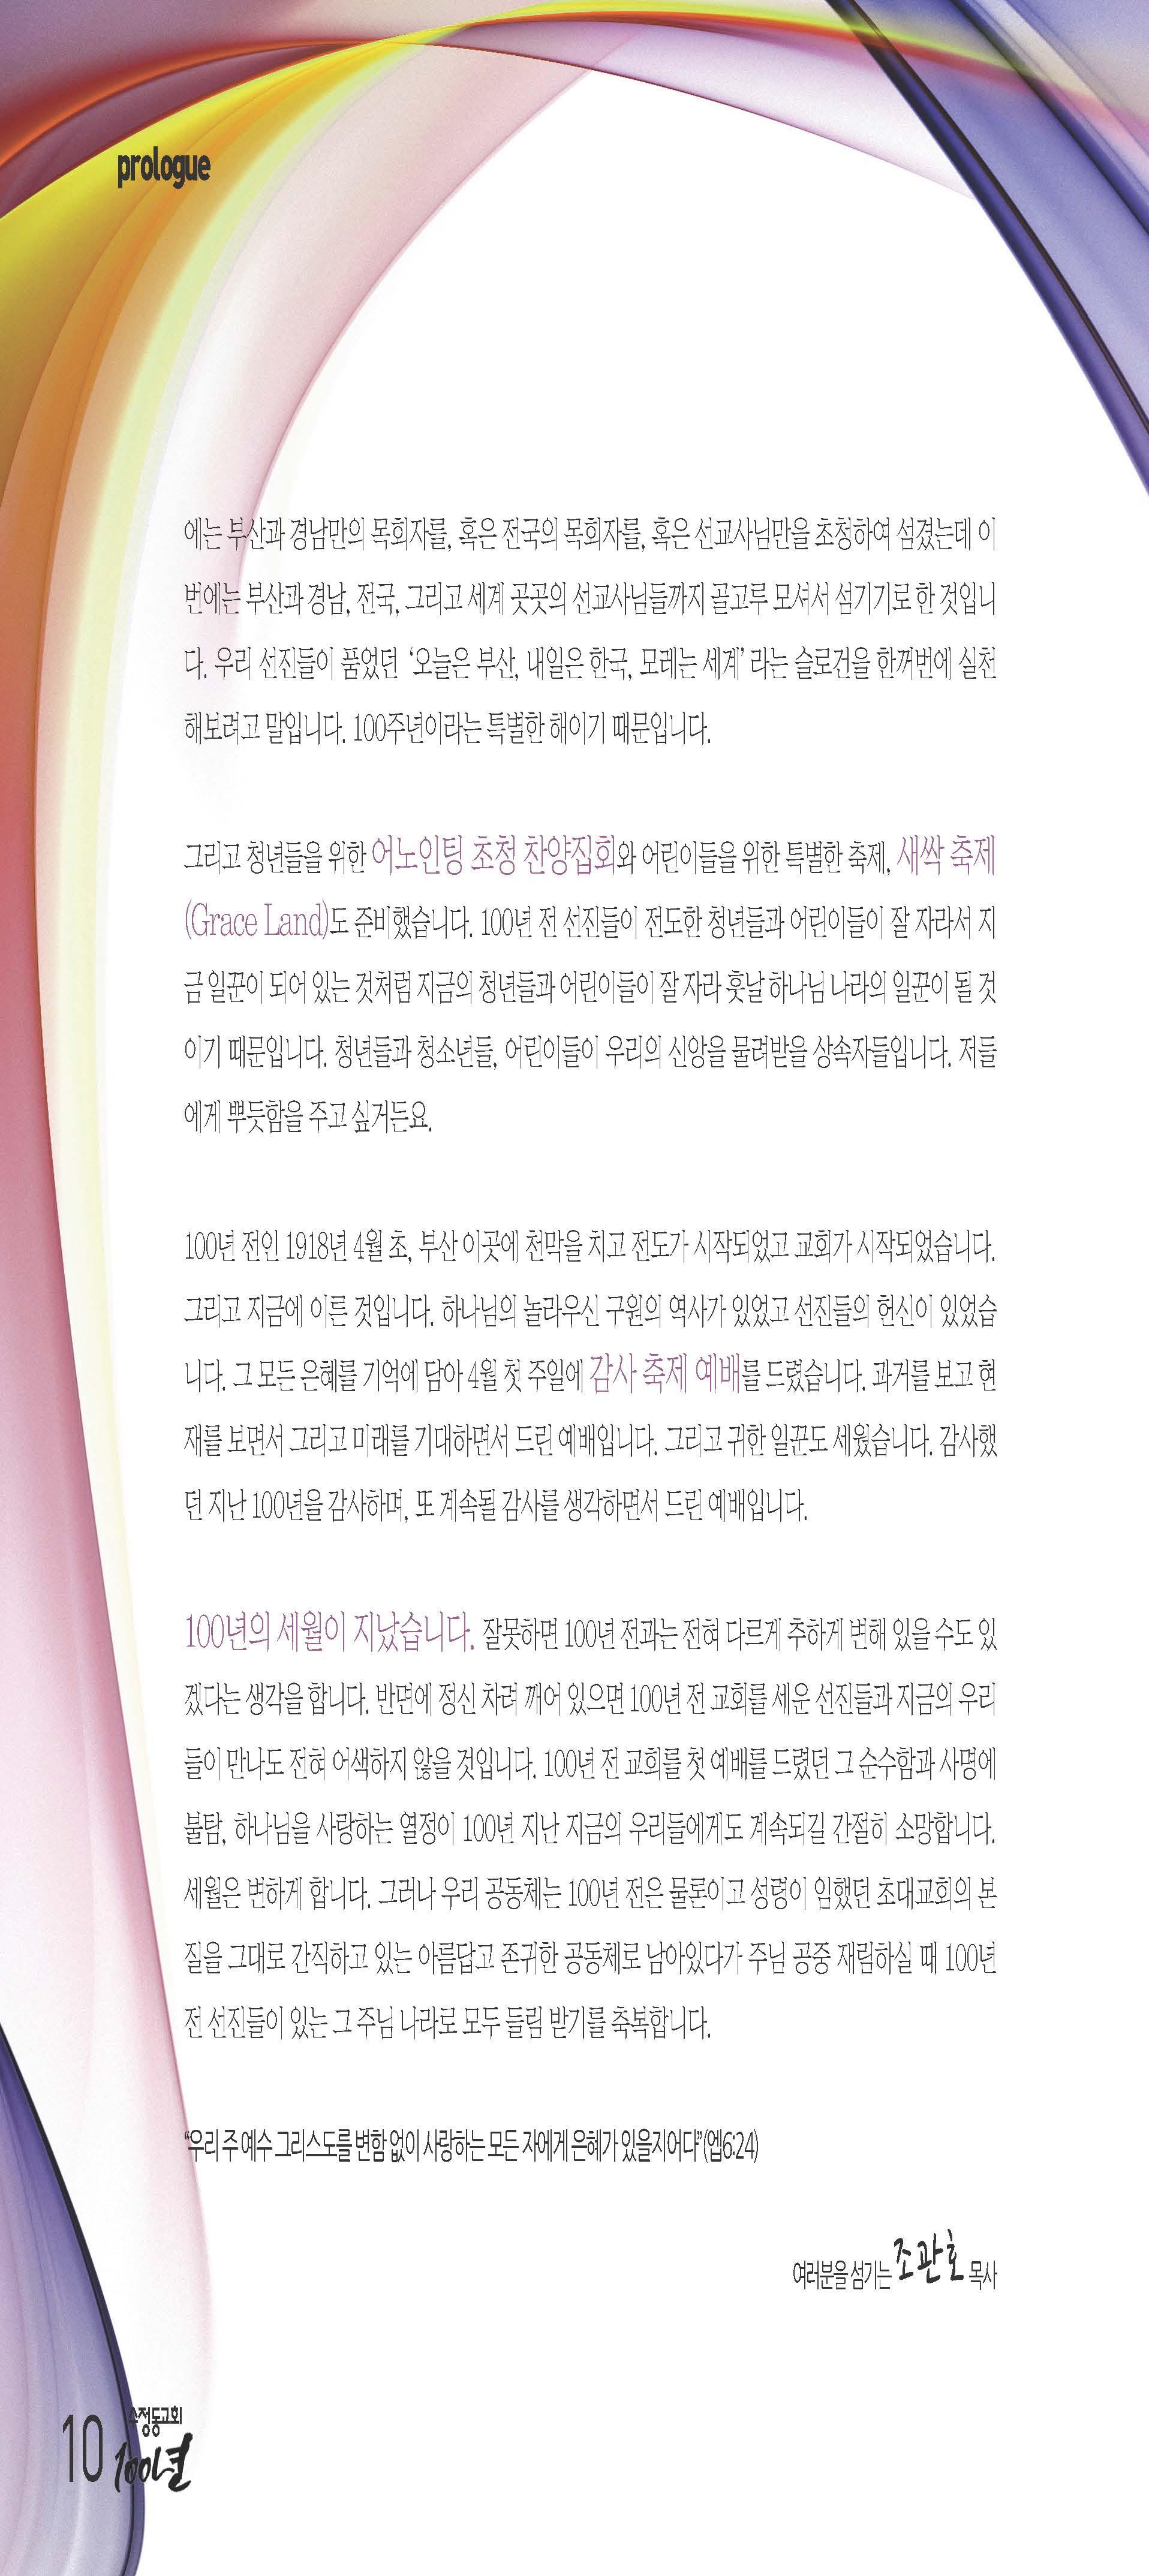 100주년기념호_Page_010.jpg